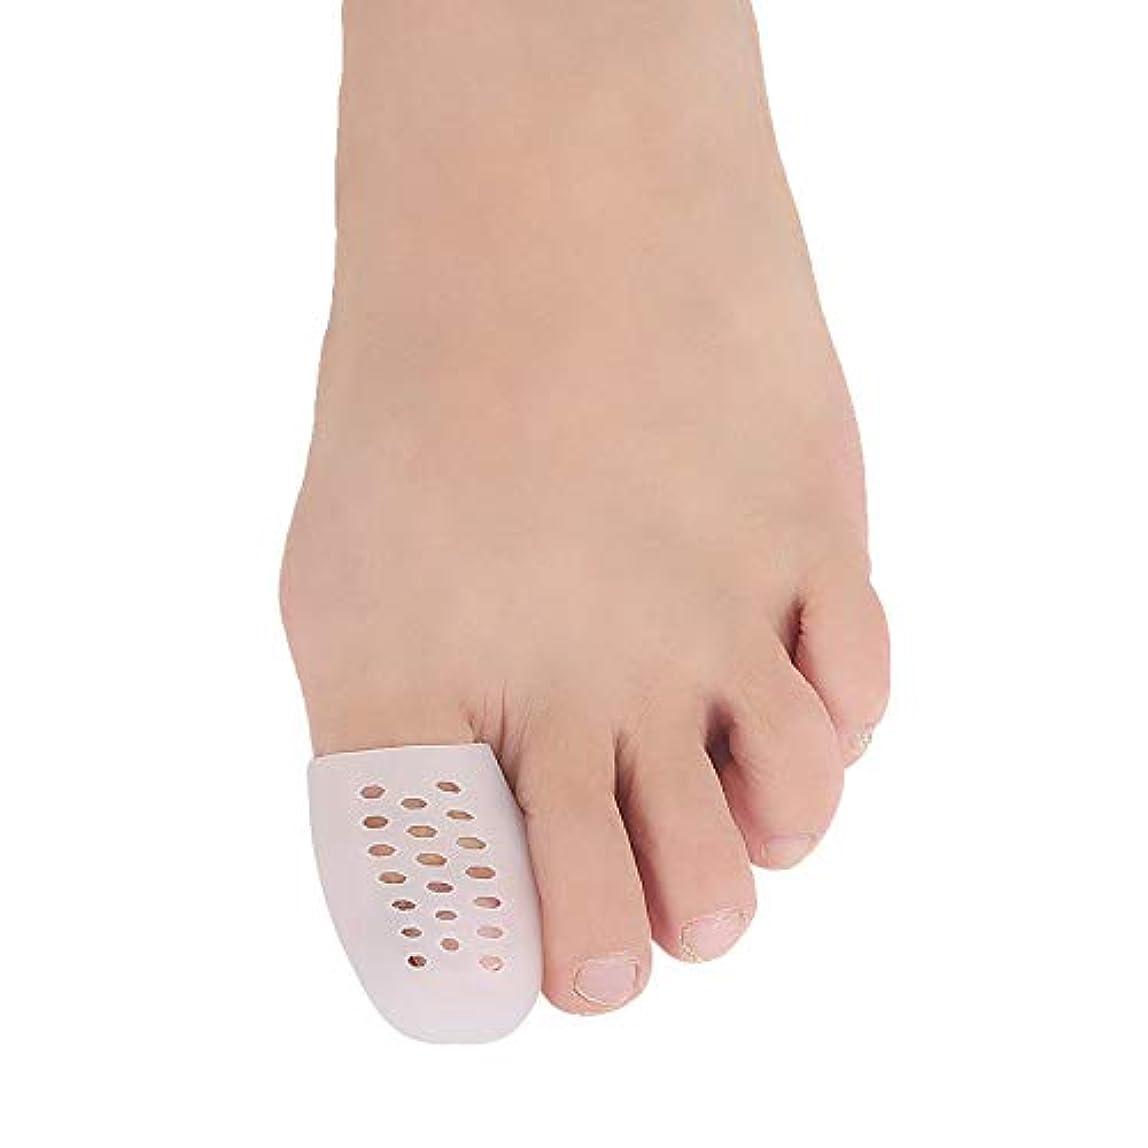 名前を作るペデスタル葉を拾うZAYAR 足指保護キャップ 足先のつめ保護キャップ つま先プロテクター シリコン 趾痛み軽減